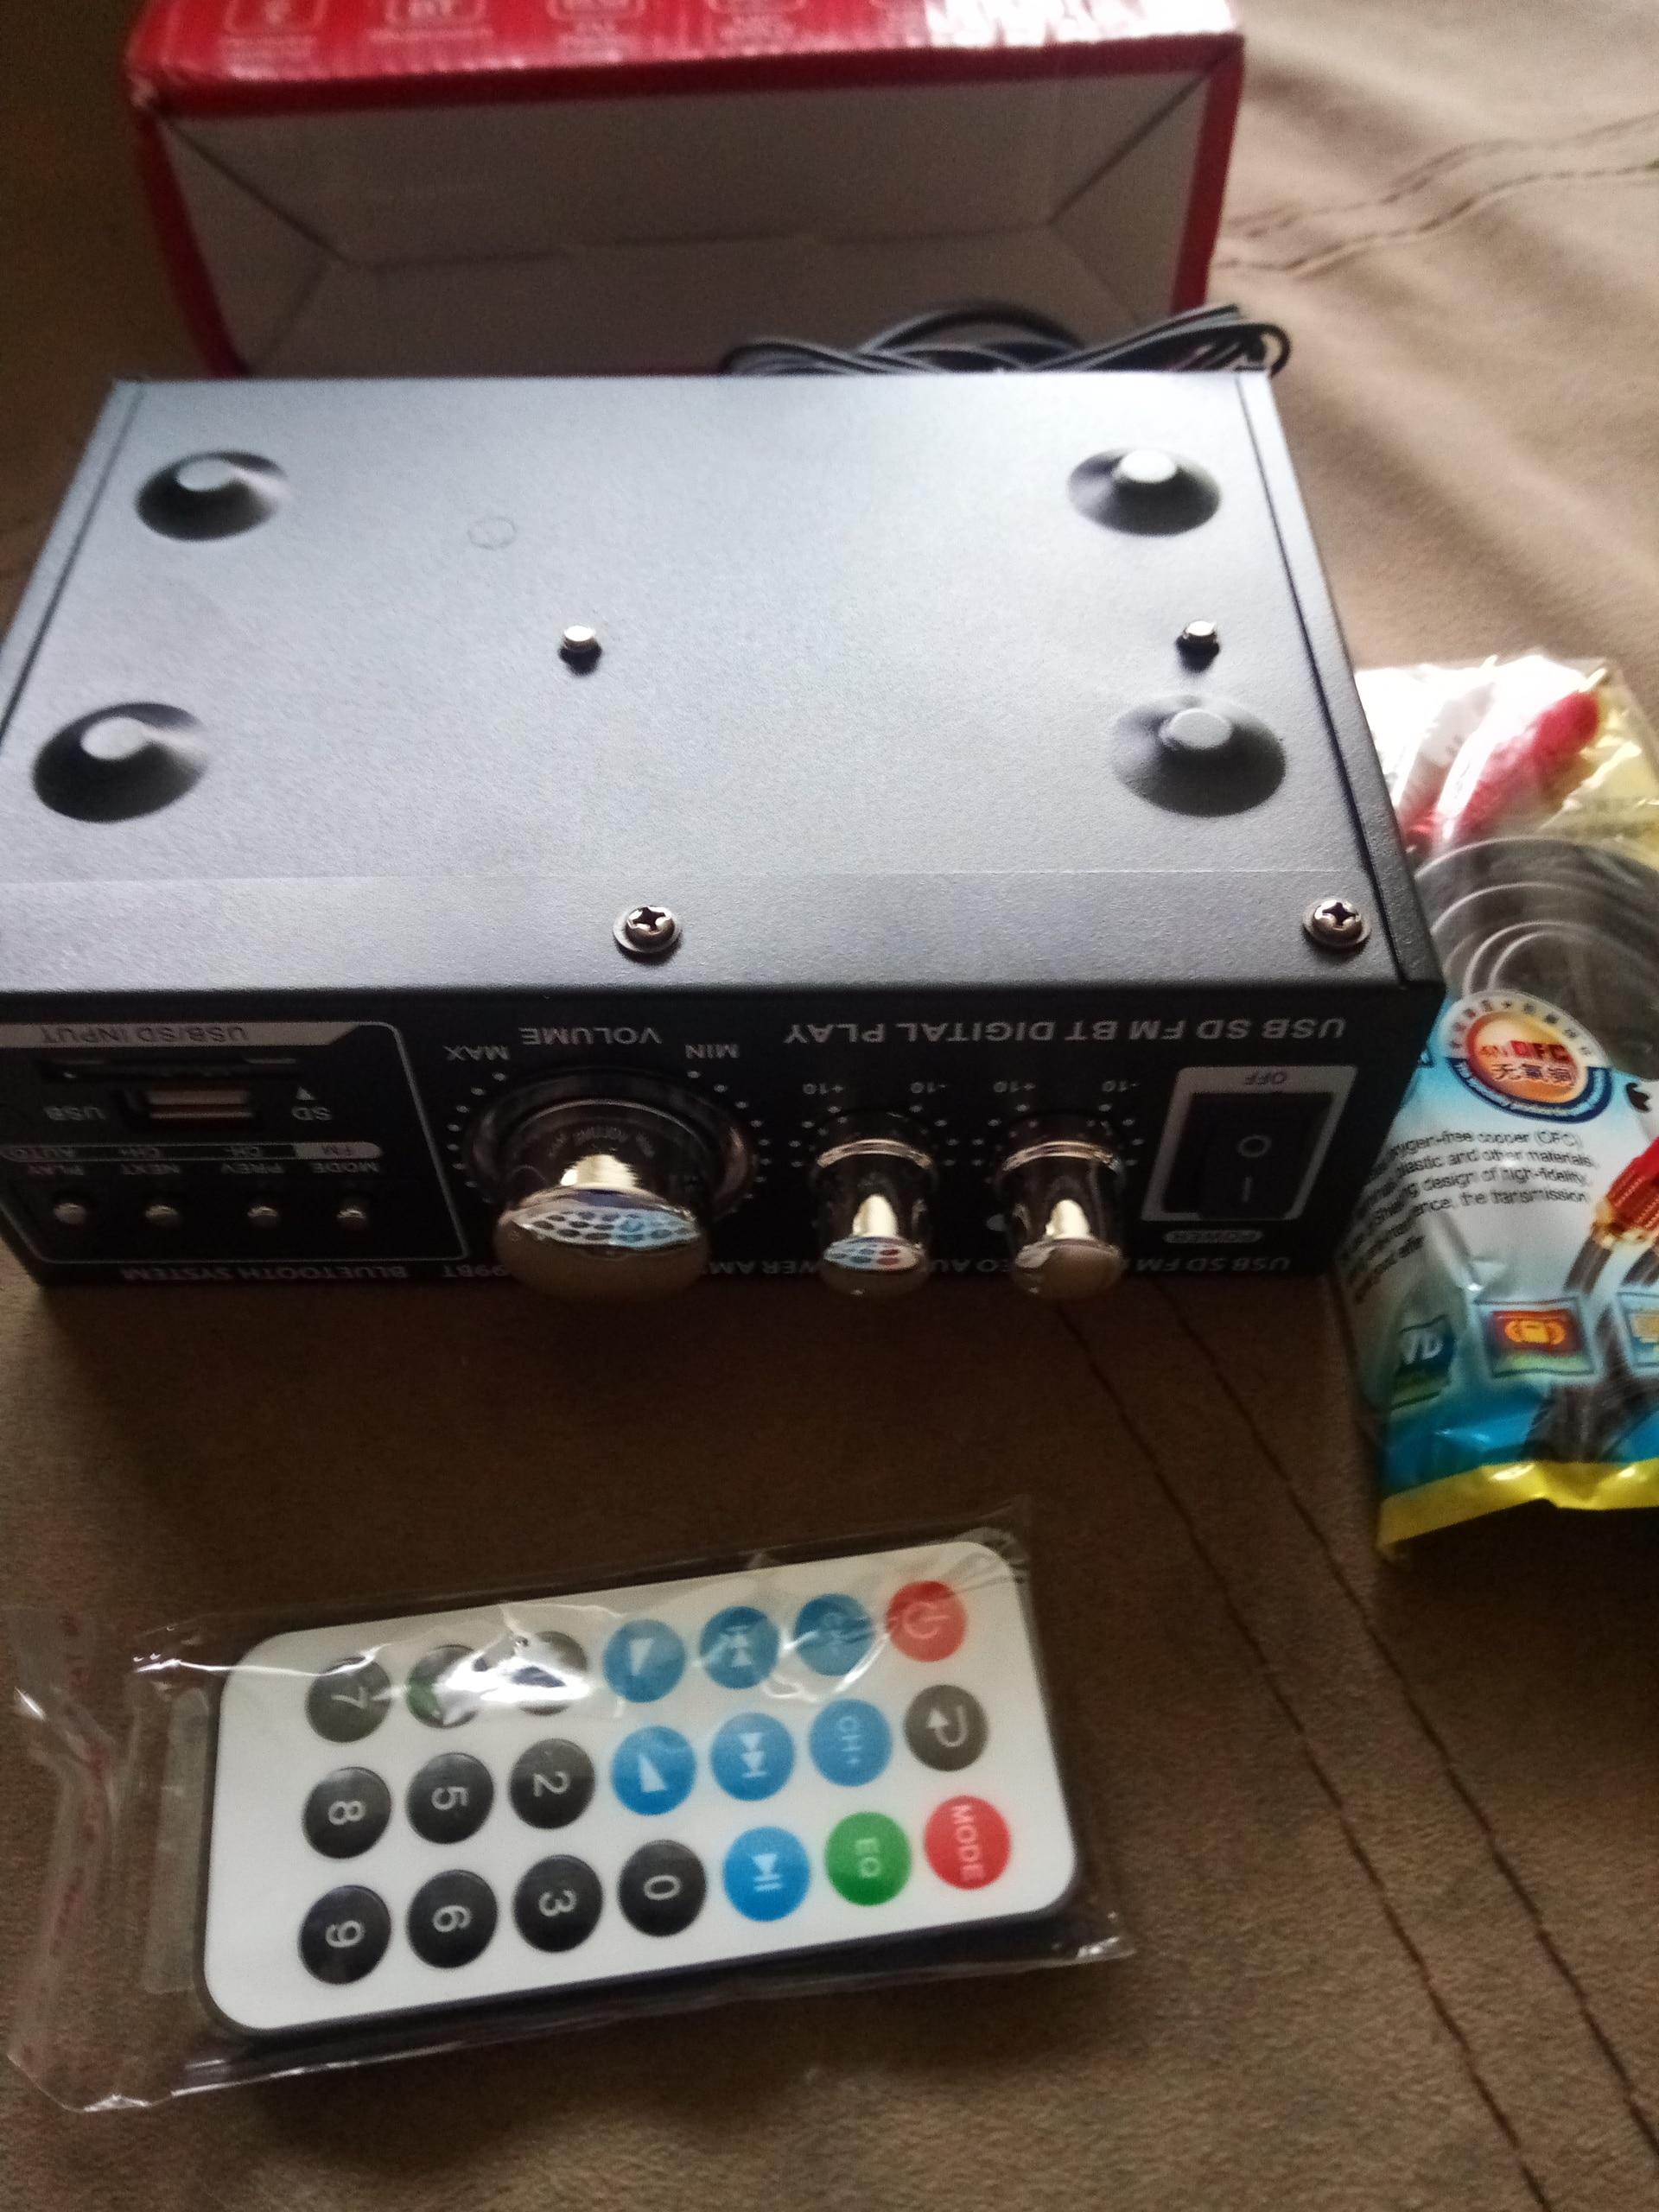 цифровой аудио усилитель; автомобильный радиоприемник; 12V мини-усилитель; музыкальный MP3-плеер;